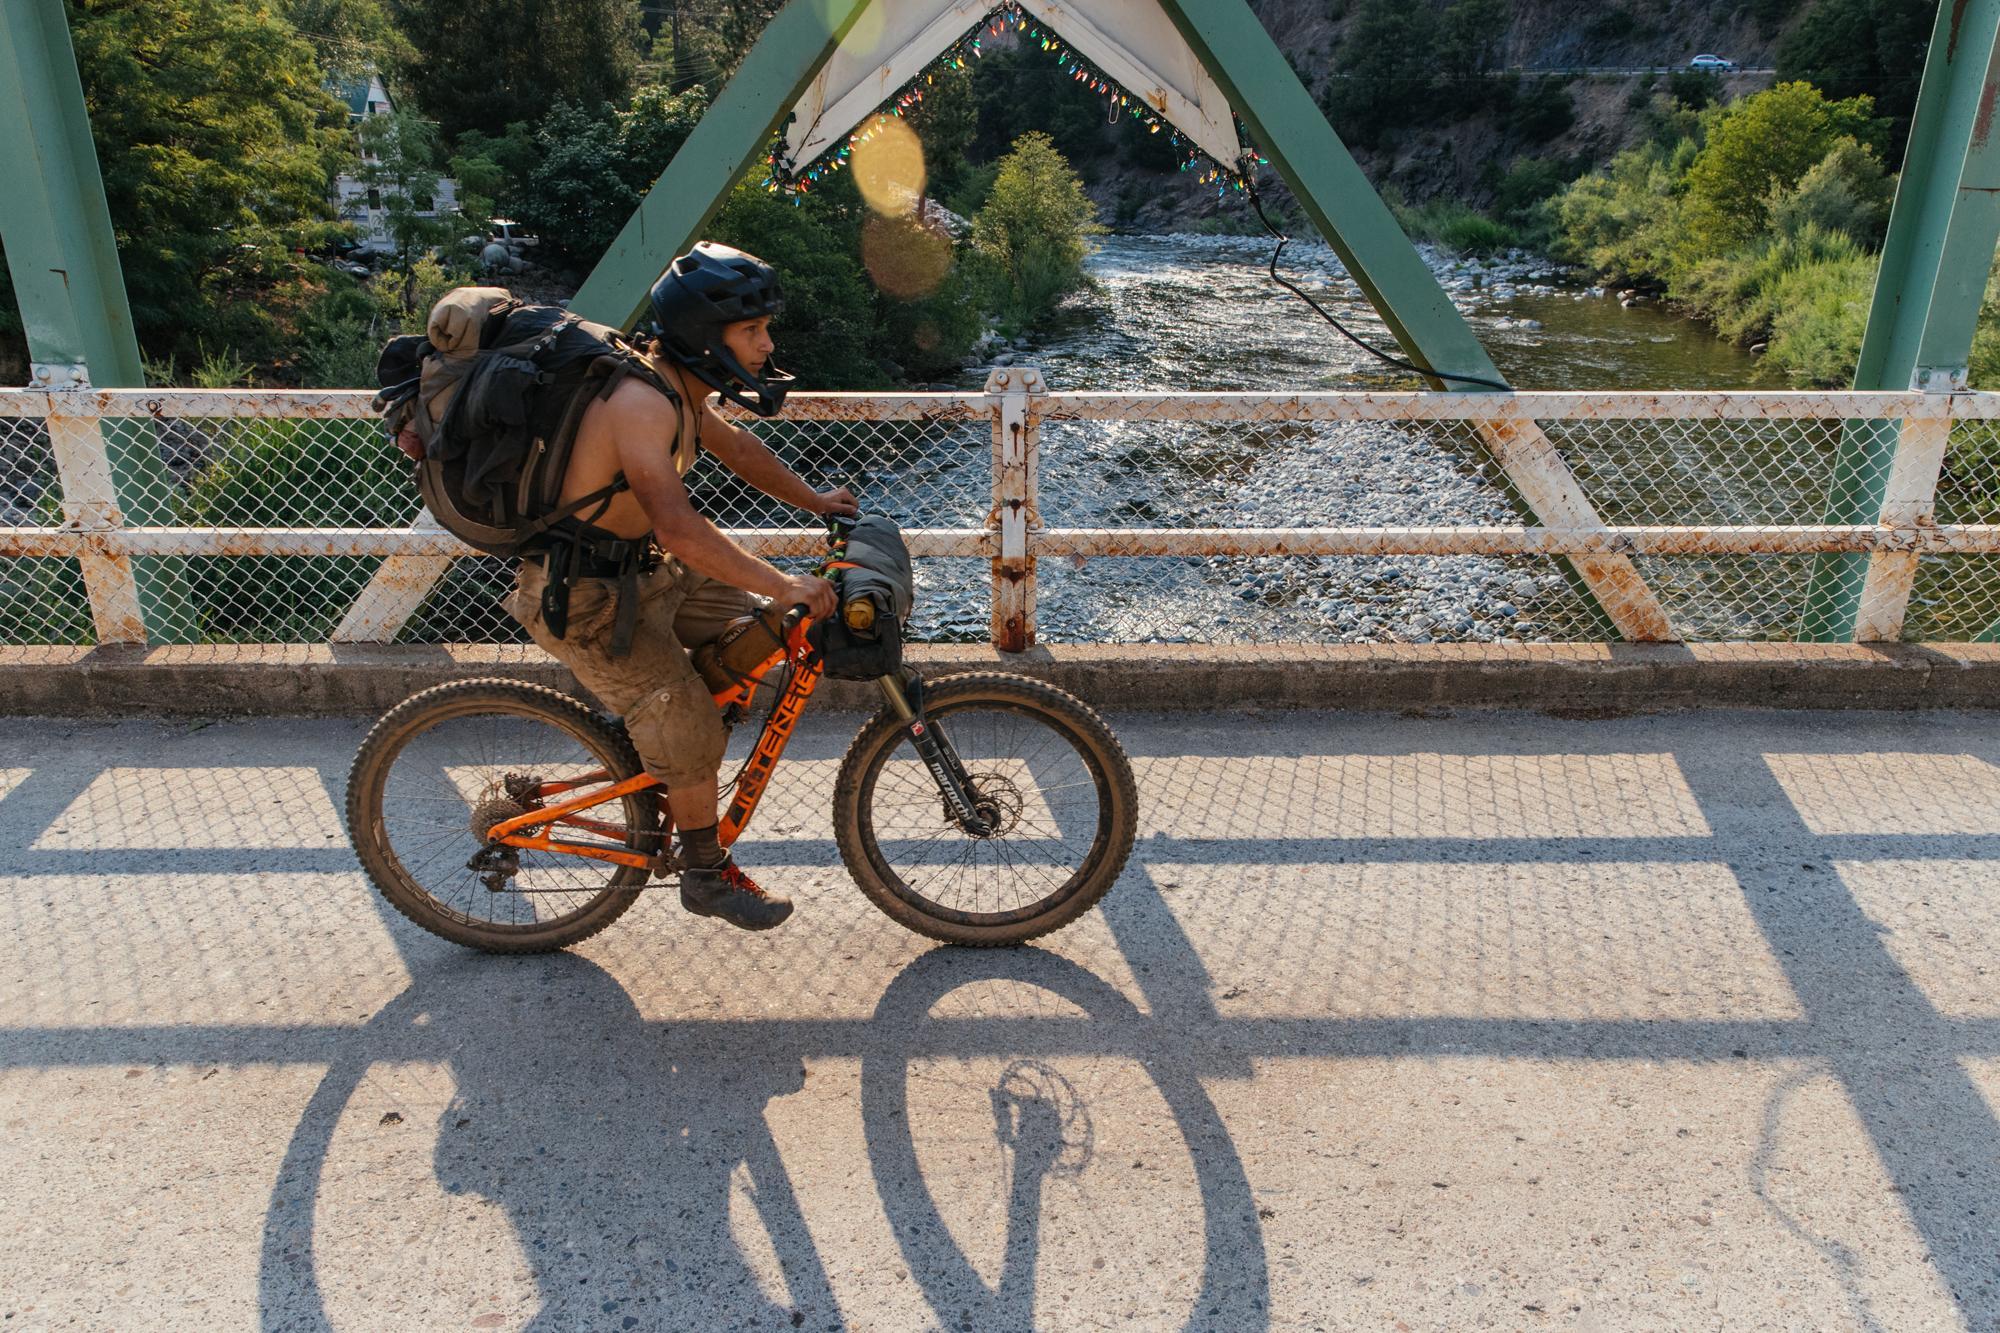 Trail worker / warrior.